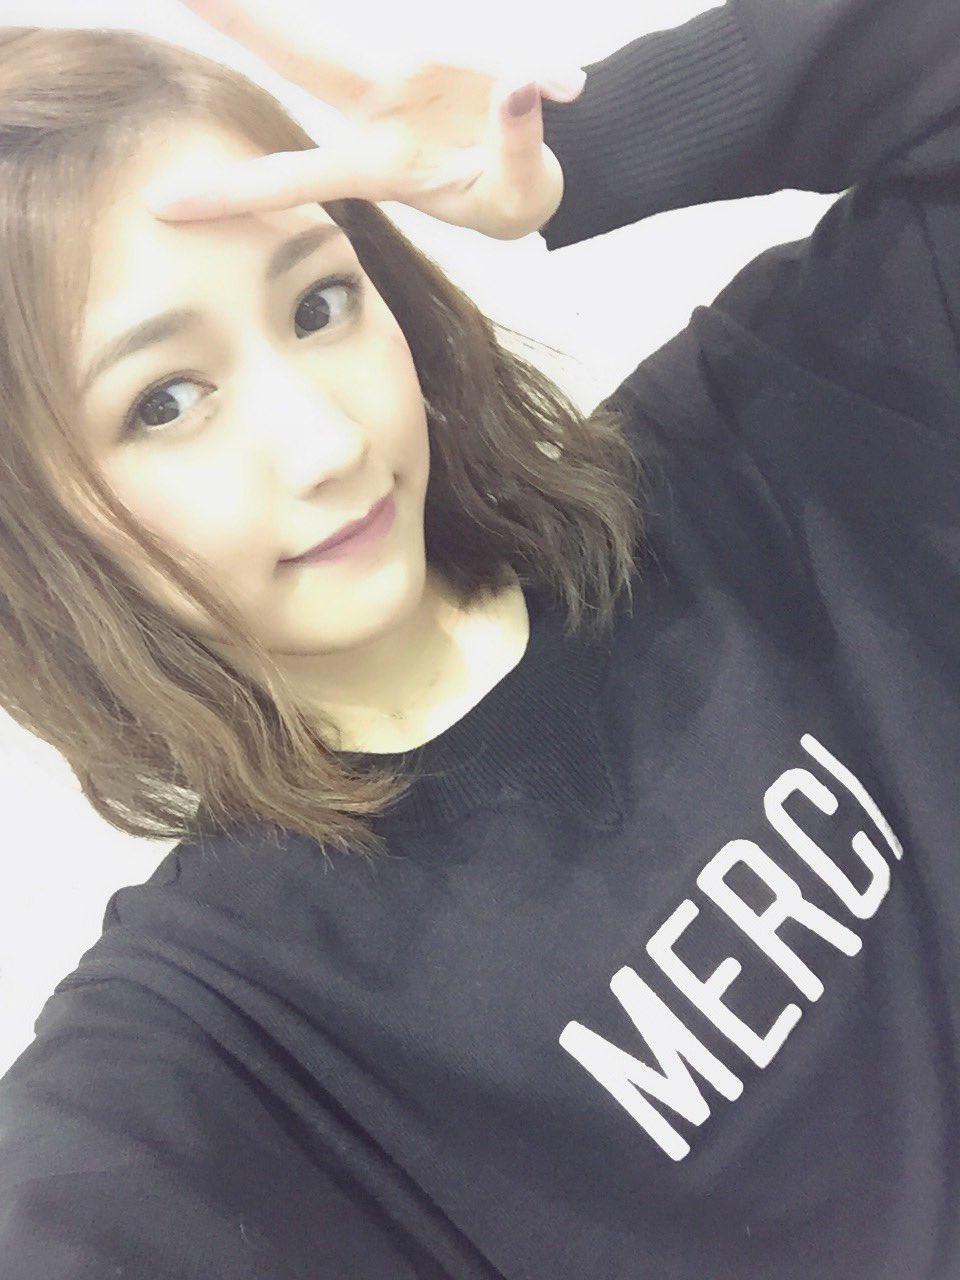 【悲報】AKB48渡辺麻友のモバメが配信停止wwwwwwwwwwww